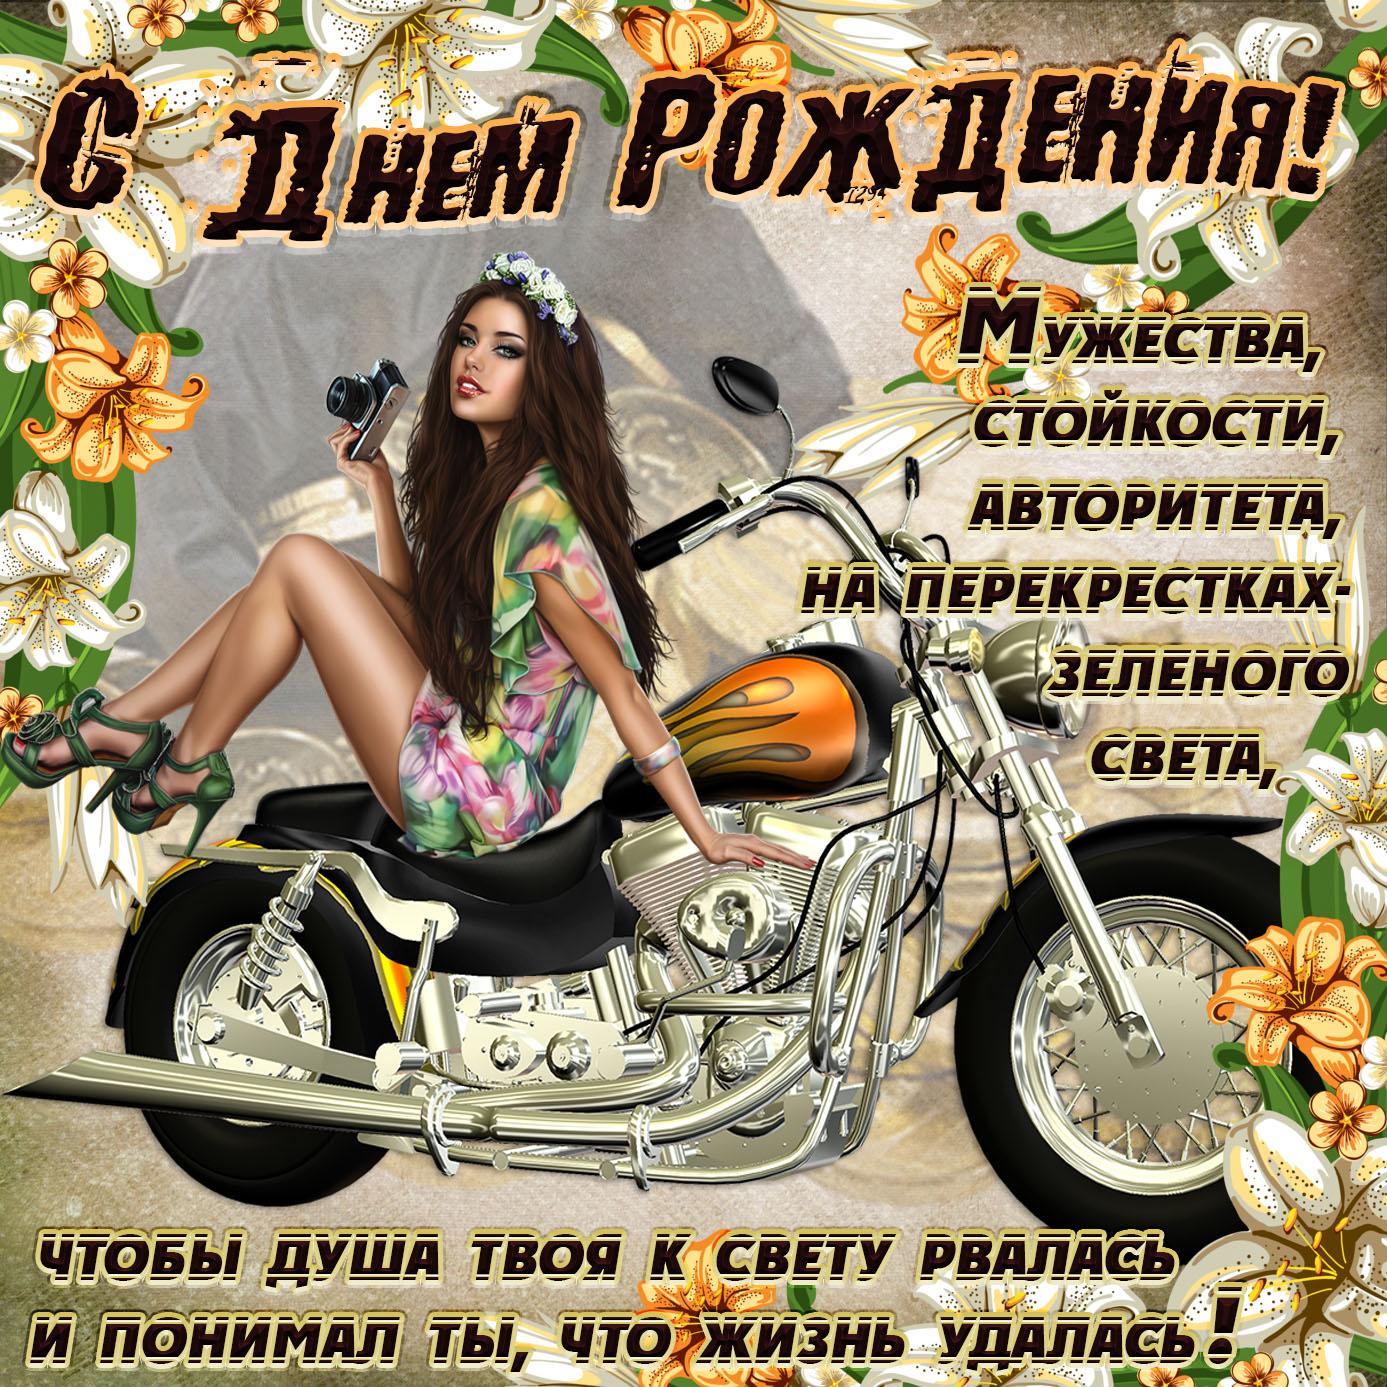 Открытка с девушкой на мотоцикле для мужчины